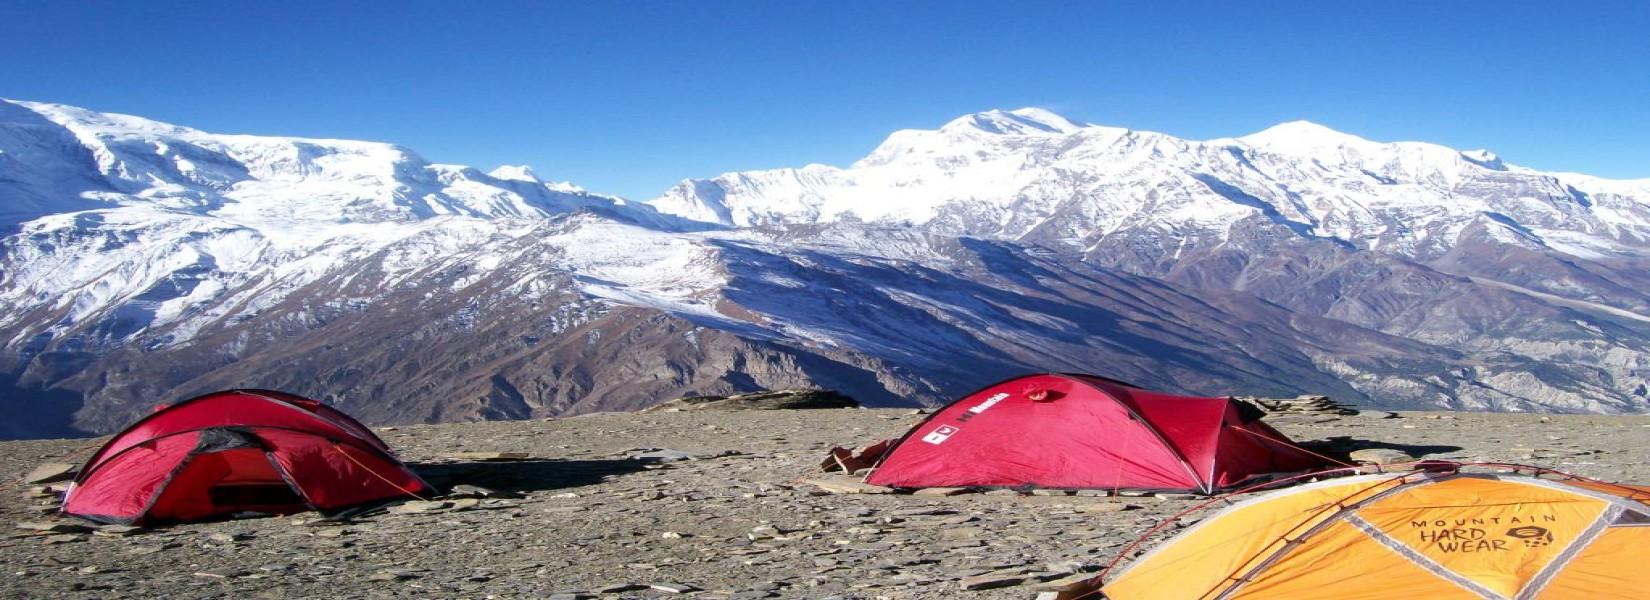 Pisang Base CampTrek